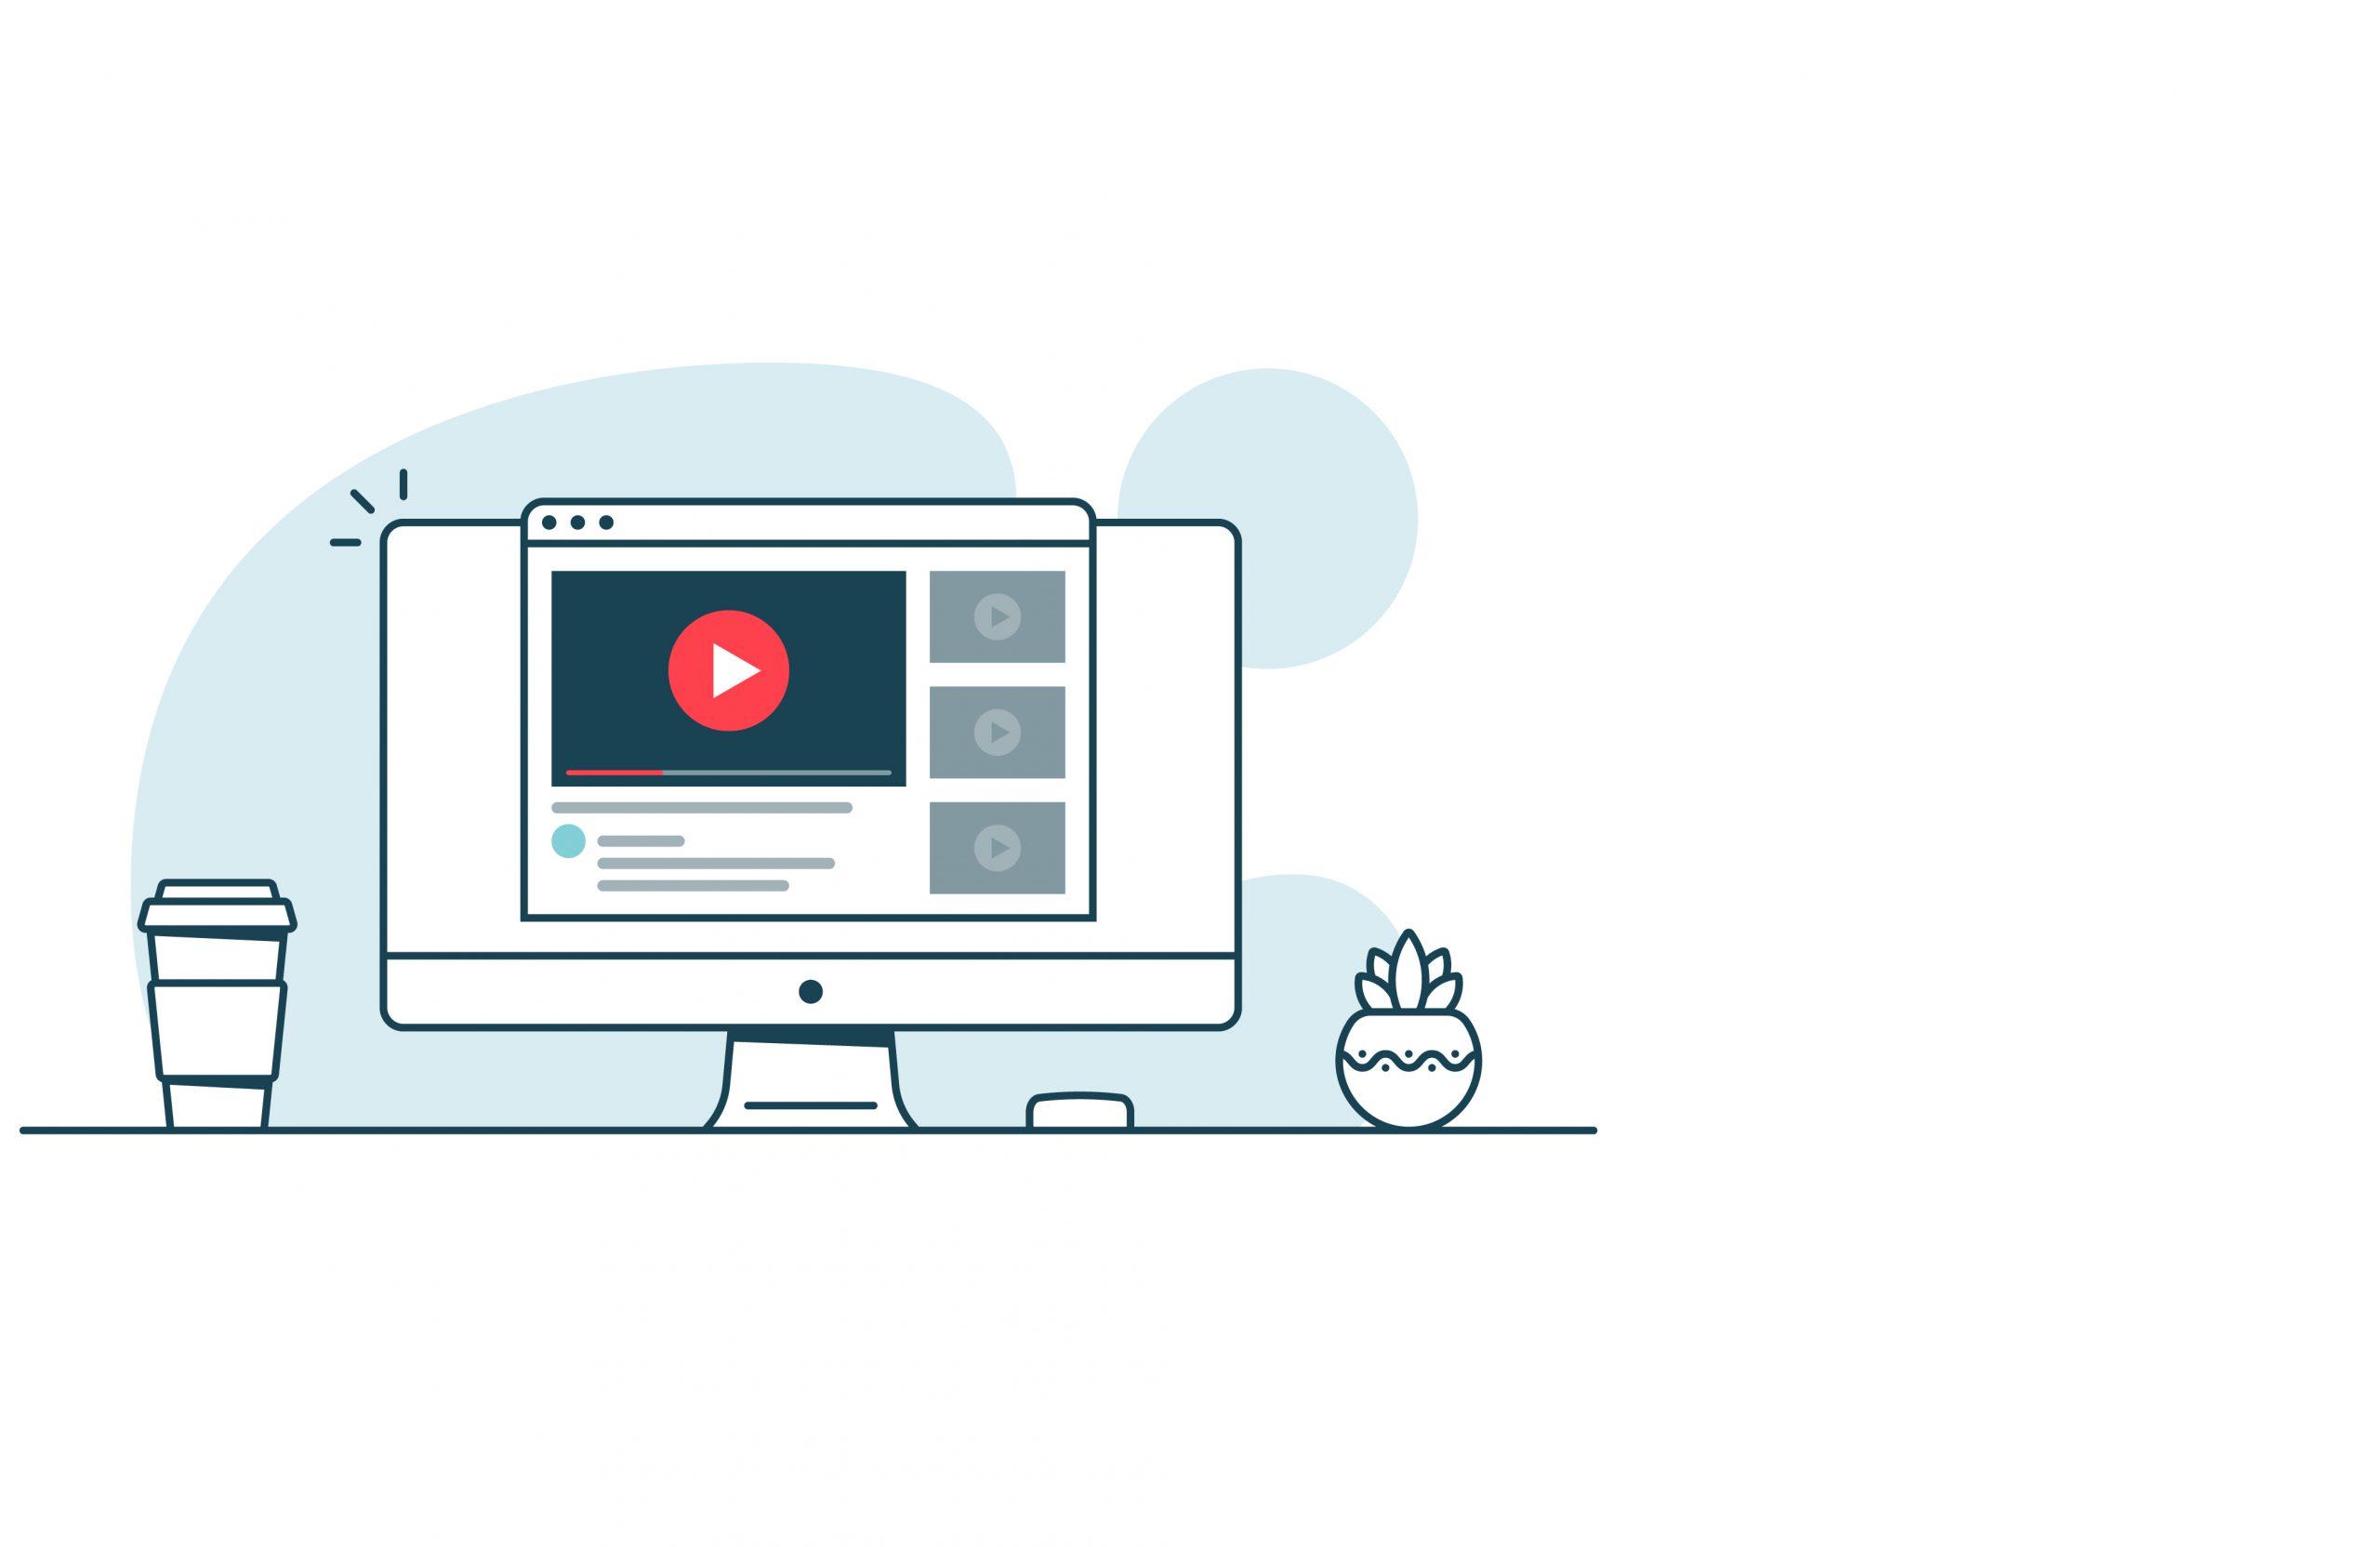 animierte Darstellung von Videoabspielung am Laptop